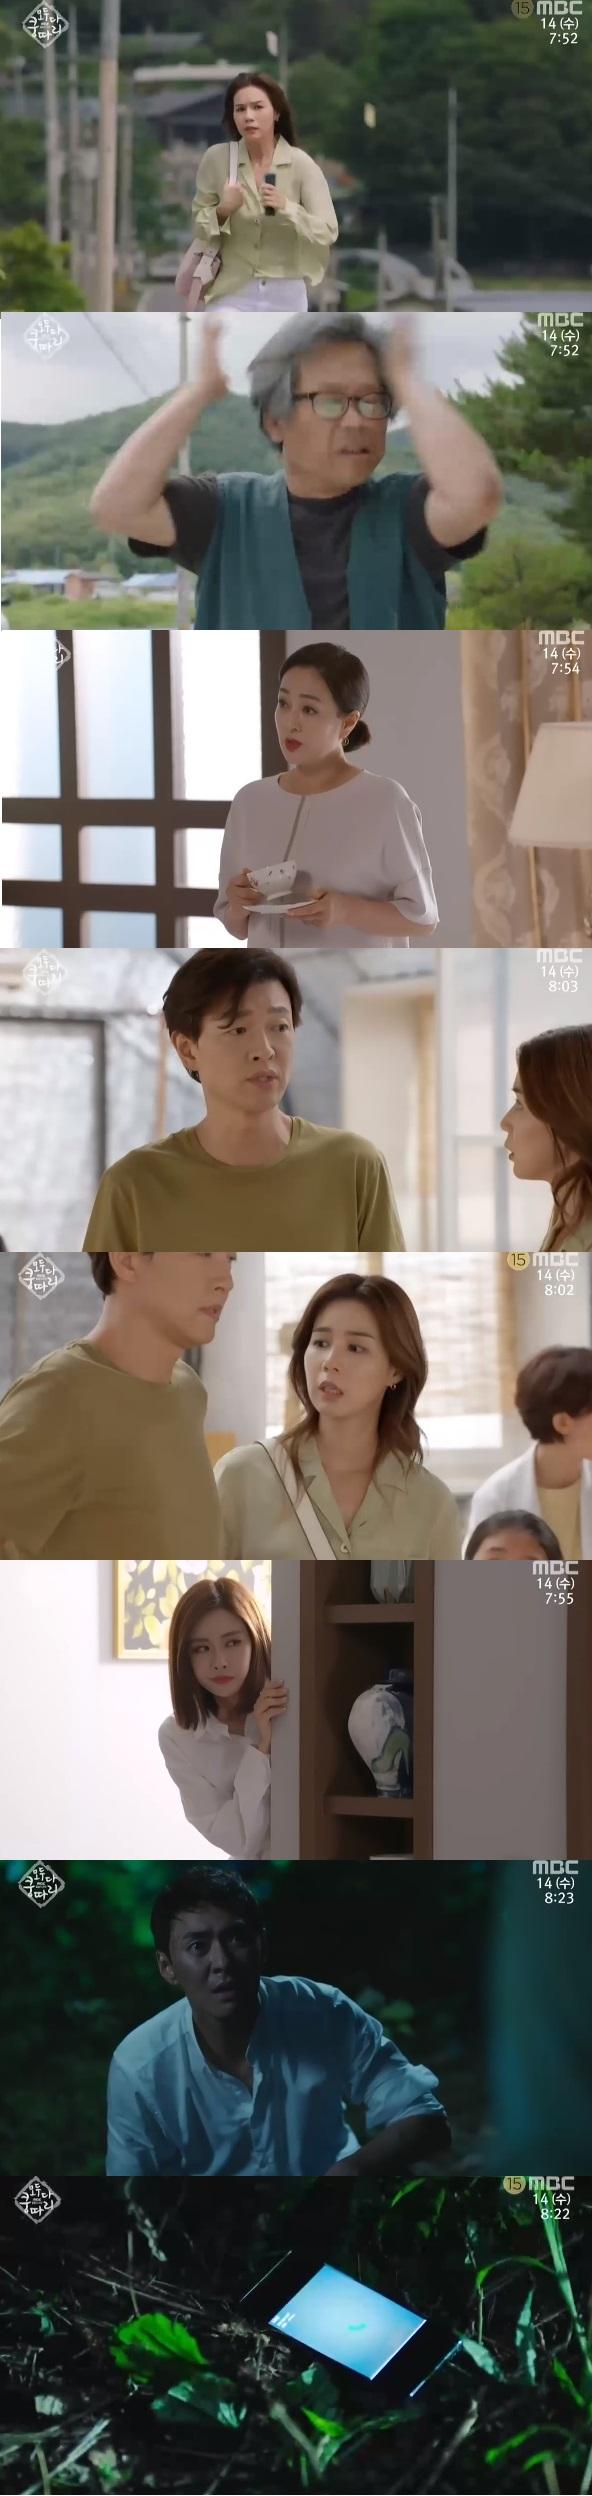 박시은 이보희 강석정 김호진 서혜진 / MBC '모두 다 쿵따리' 캡처